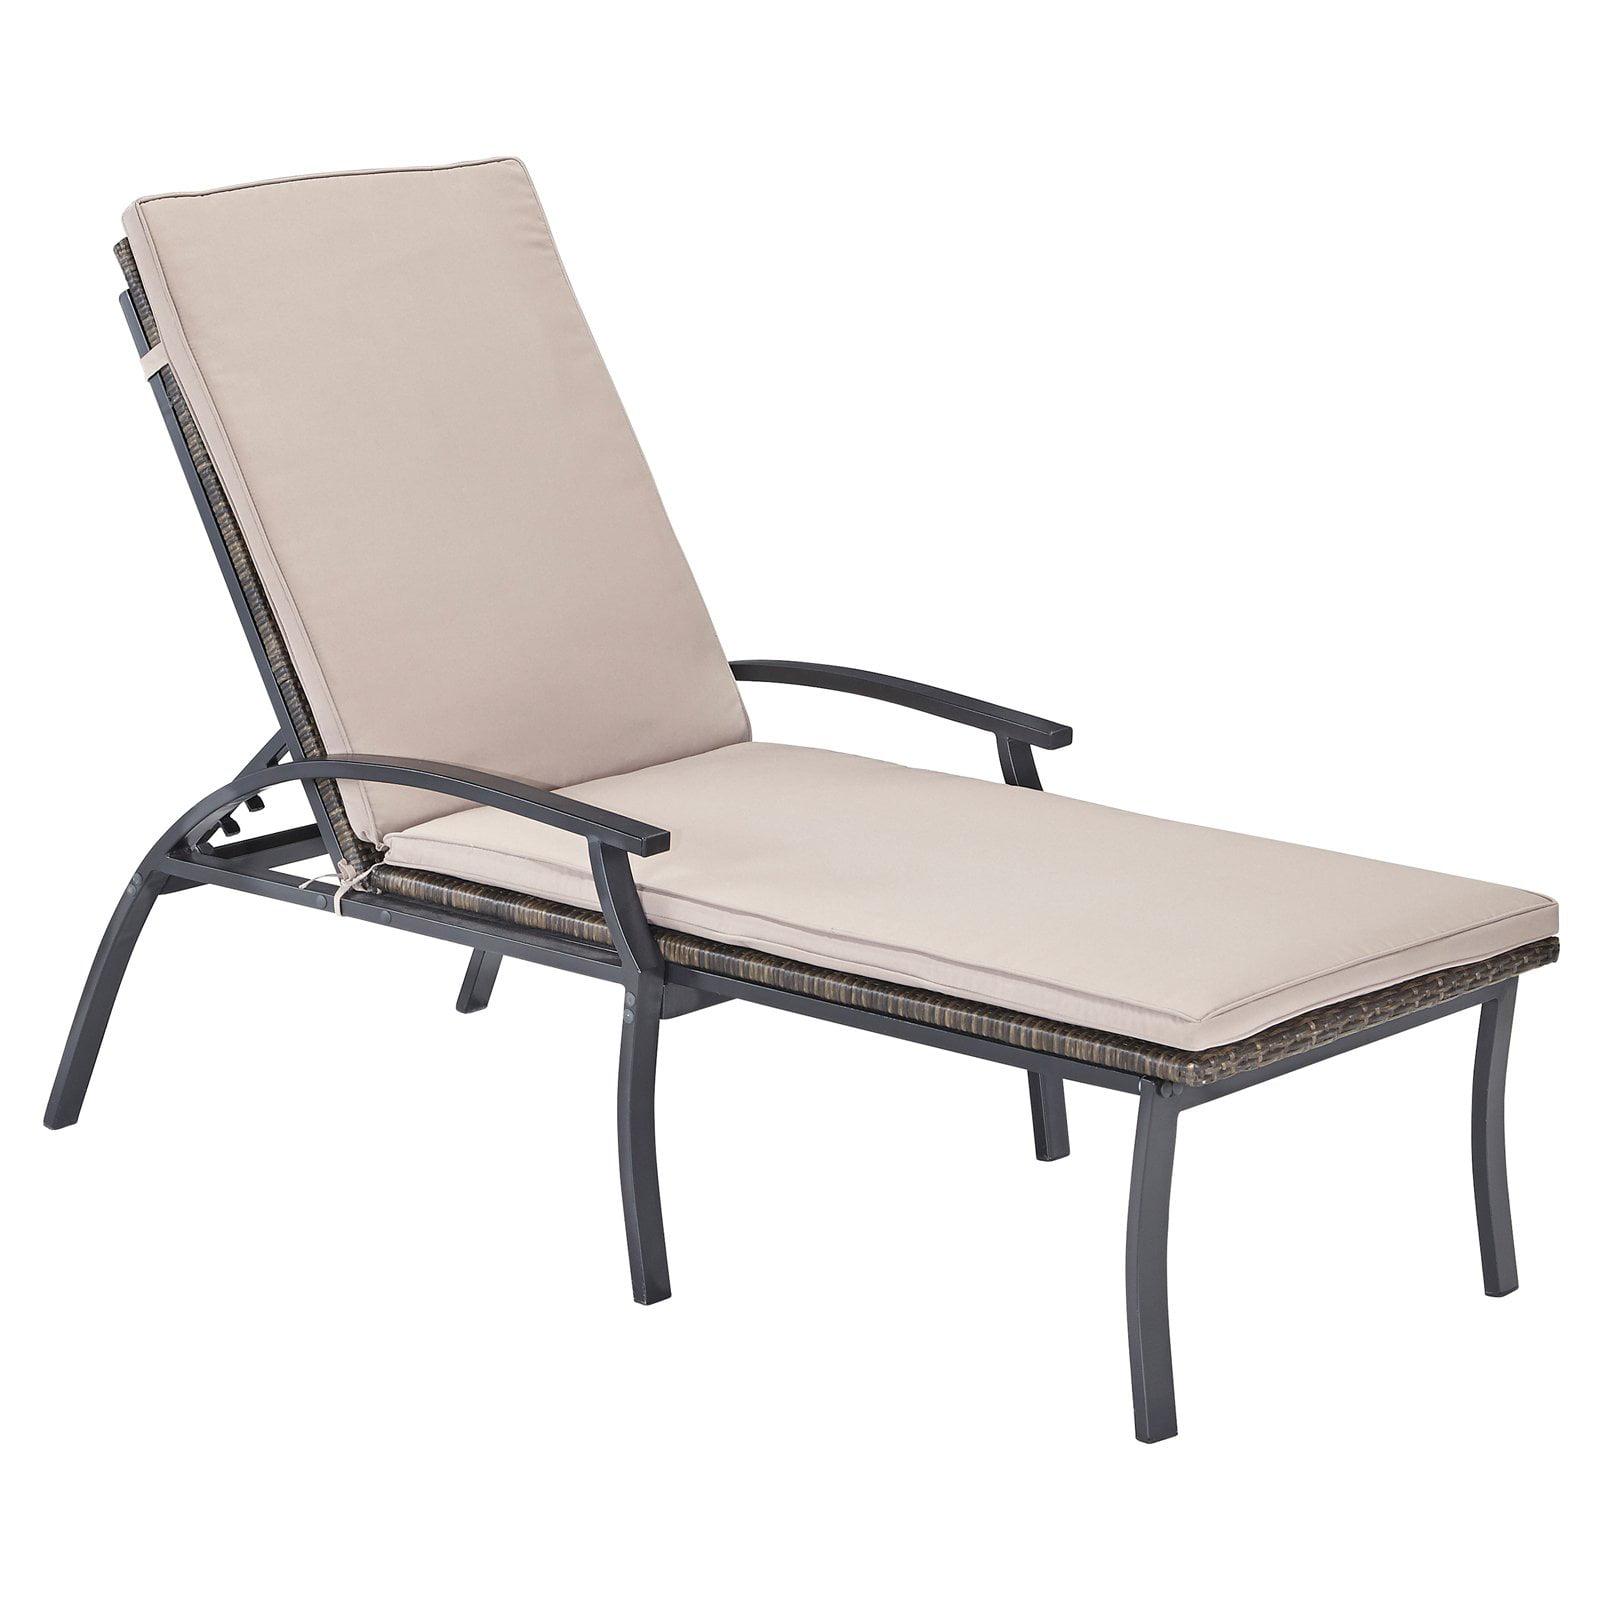 Laguna Chaise Lounge Chair